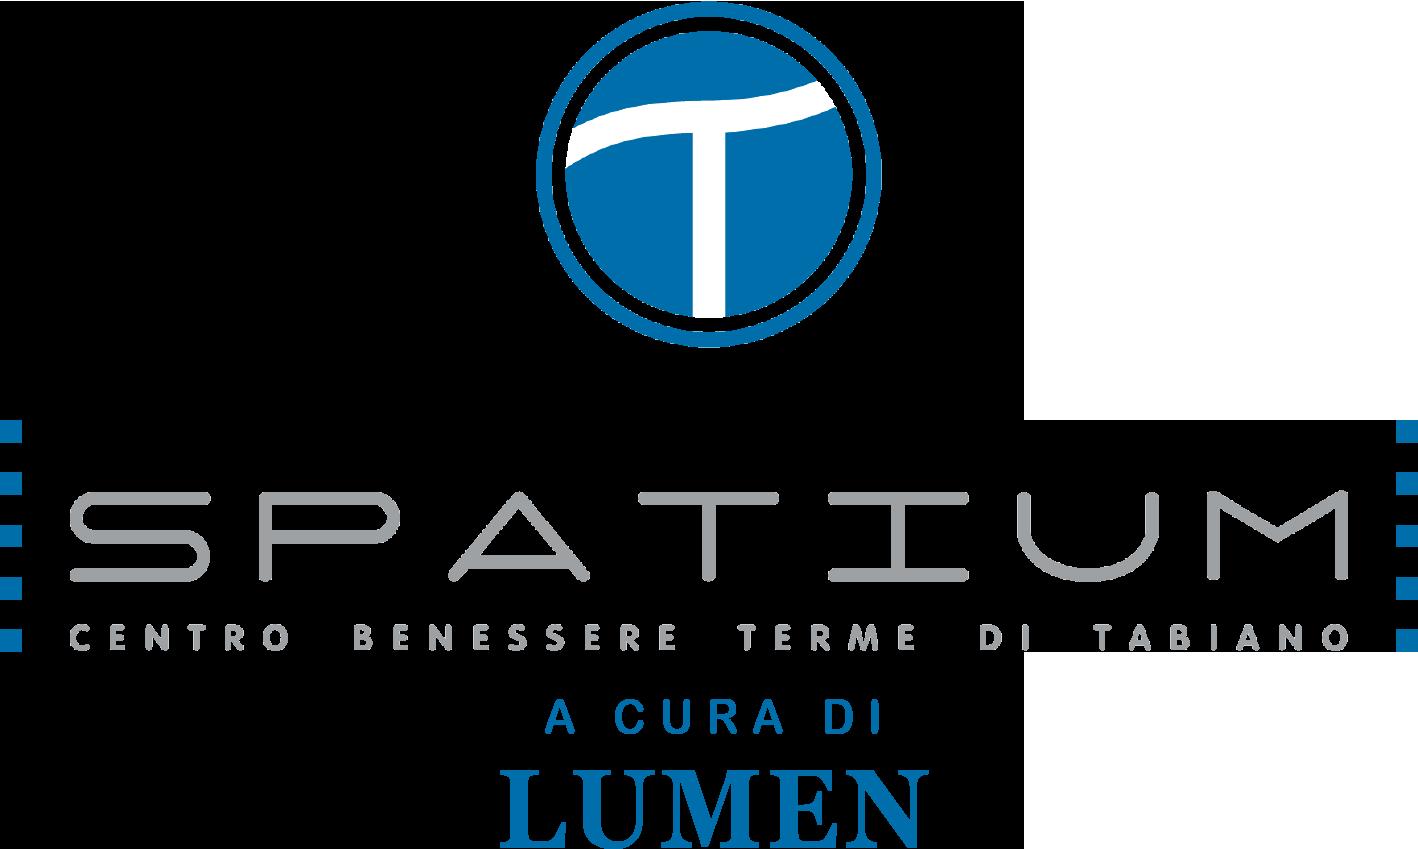 logo t Spatium+Lumen